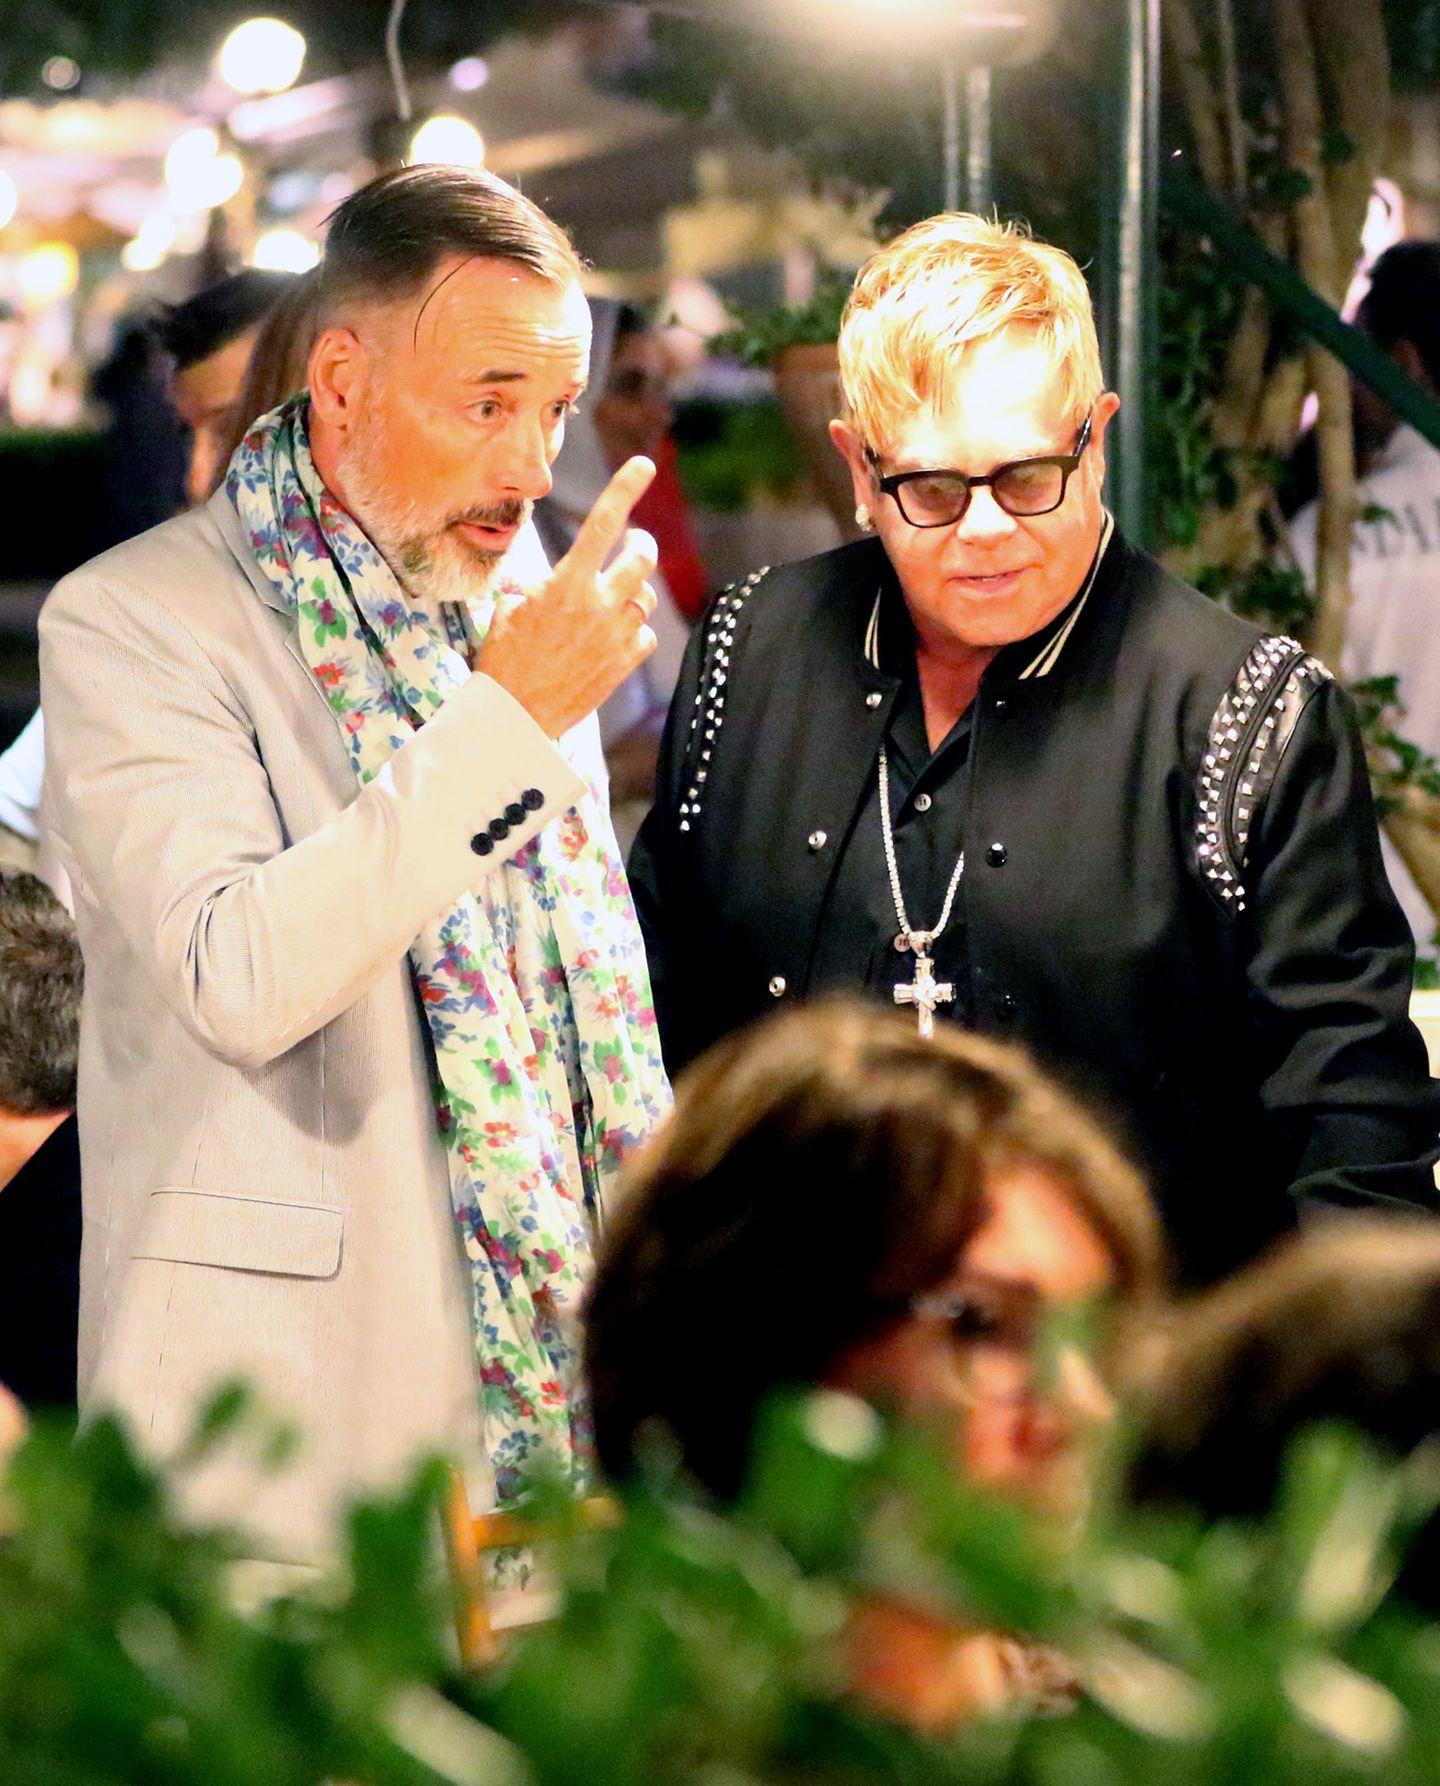 27. August 2016: Was auf den ersten Blick nach Zoff bei David Furnish und Elton John aussieht, entpuppt sich als ein spannender, diskussionsreicher Dinner-Abend mit Neil Patrick Harris und Rula Jebreal in Portofino.